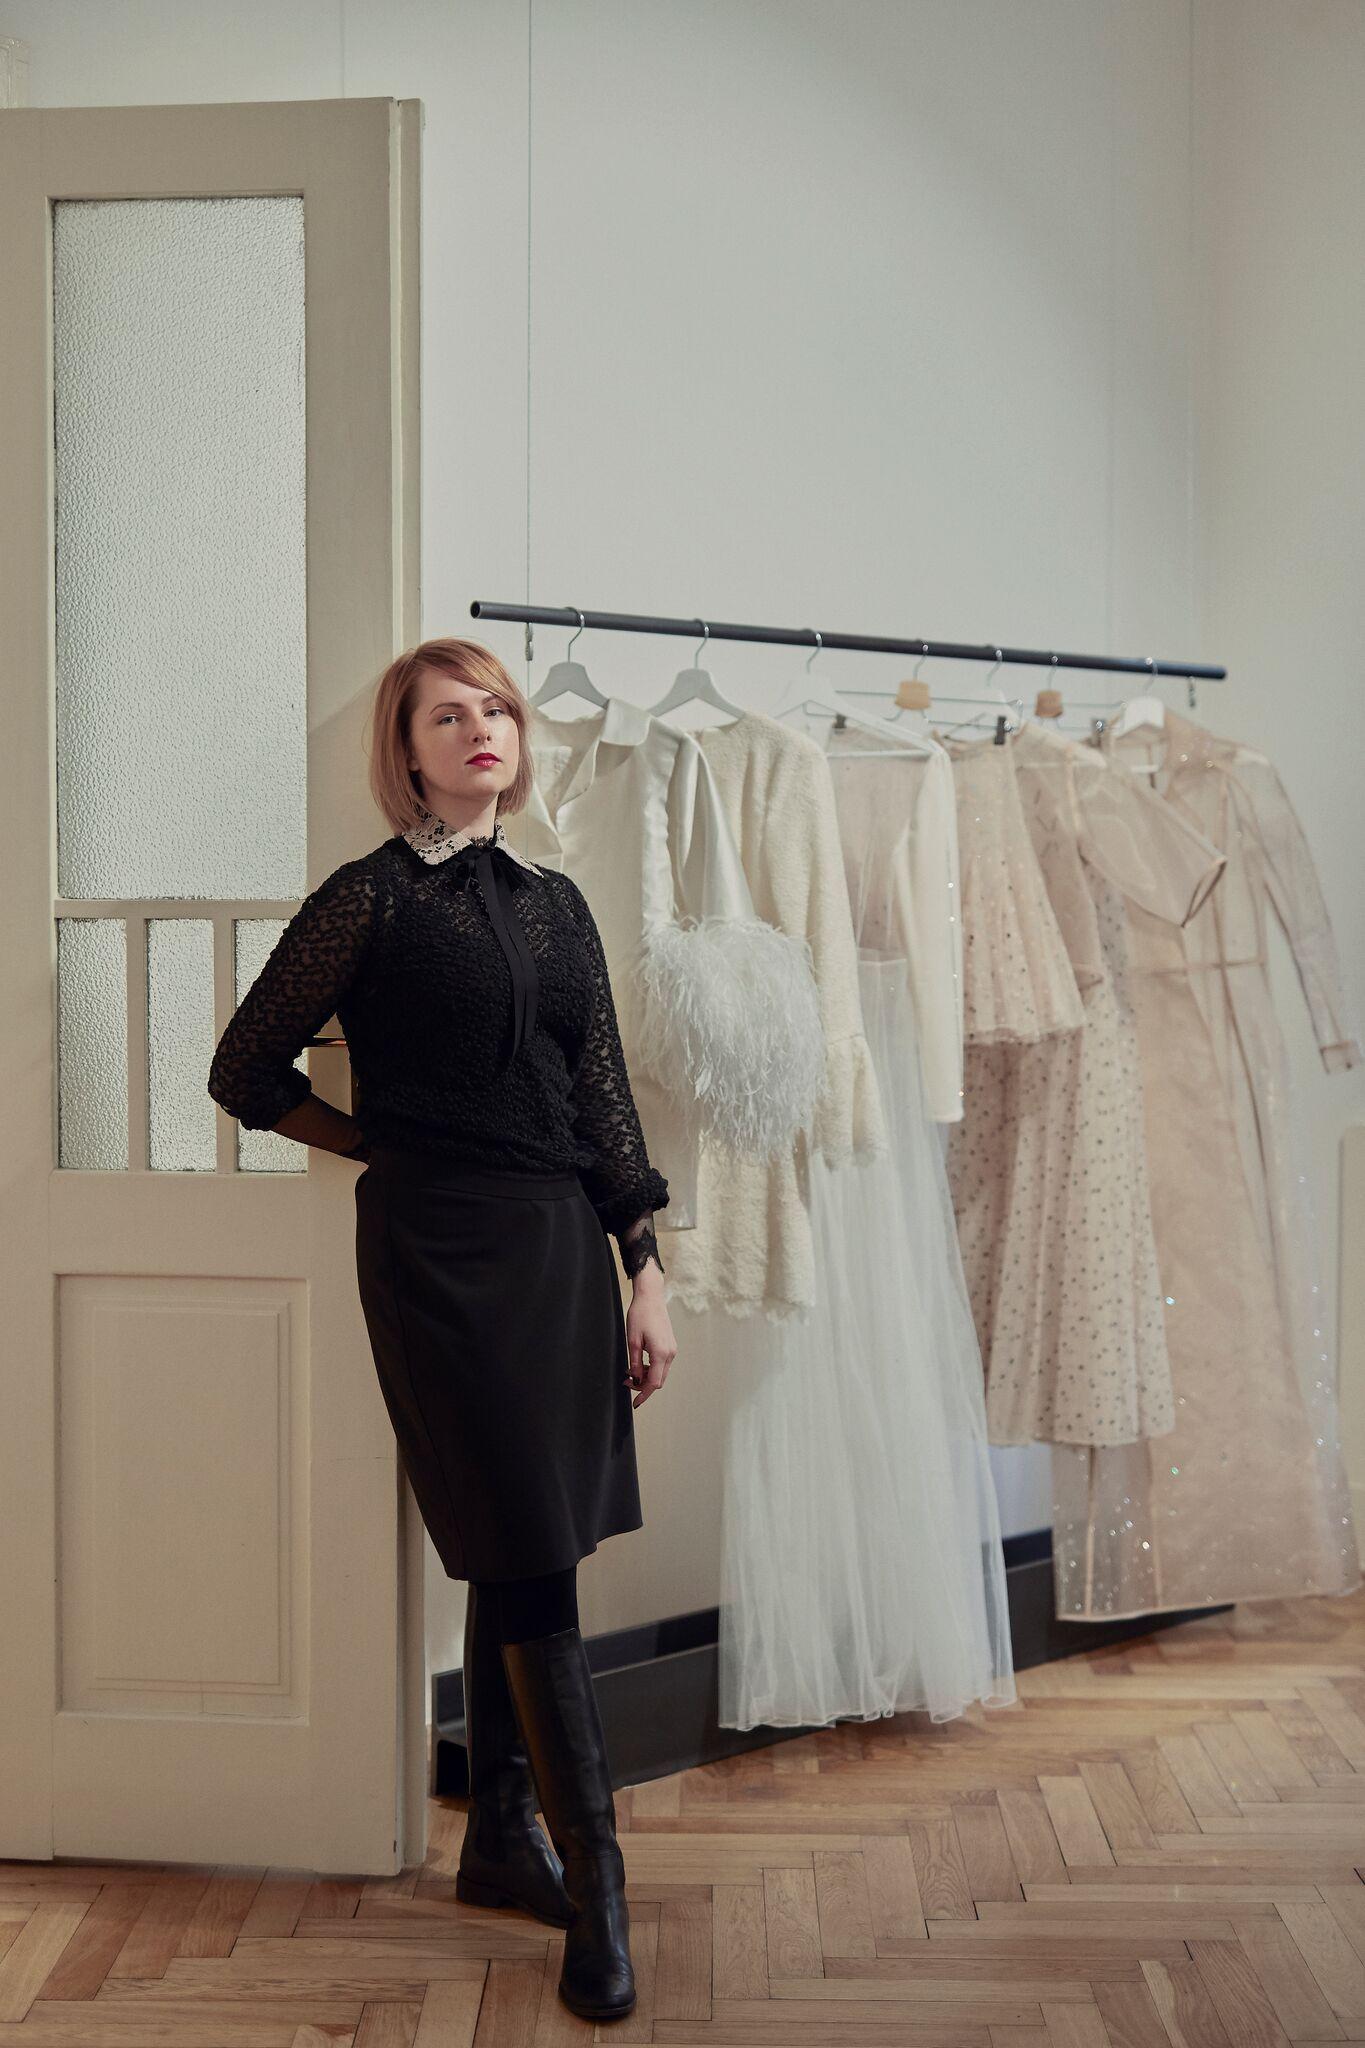 fdd0b521ebc8 Návrhářka Zuzana Kubíčková  Návrat k eleganci se dal očekávat. Móda ...